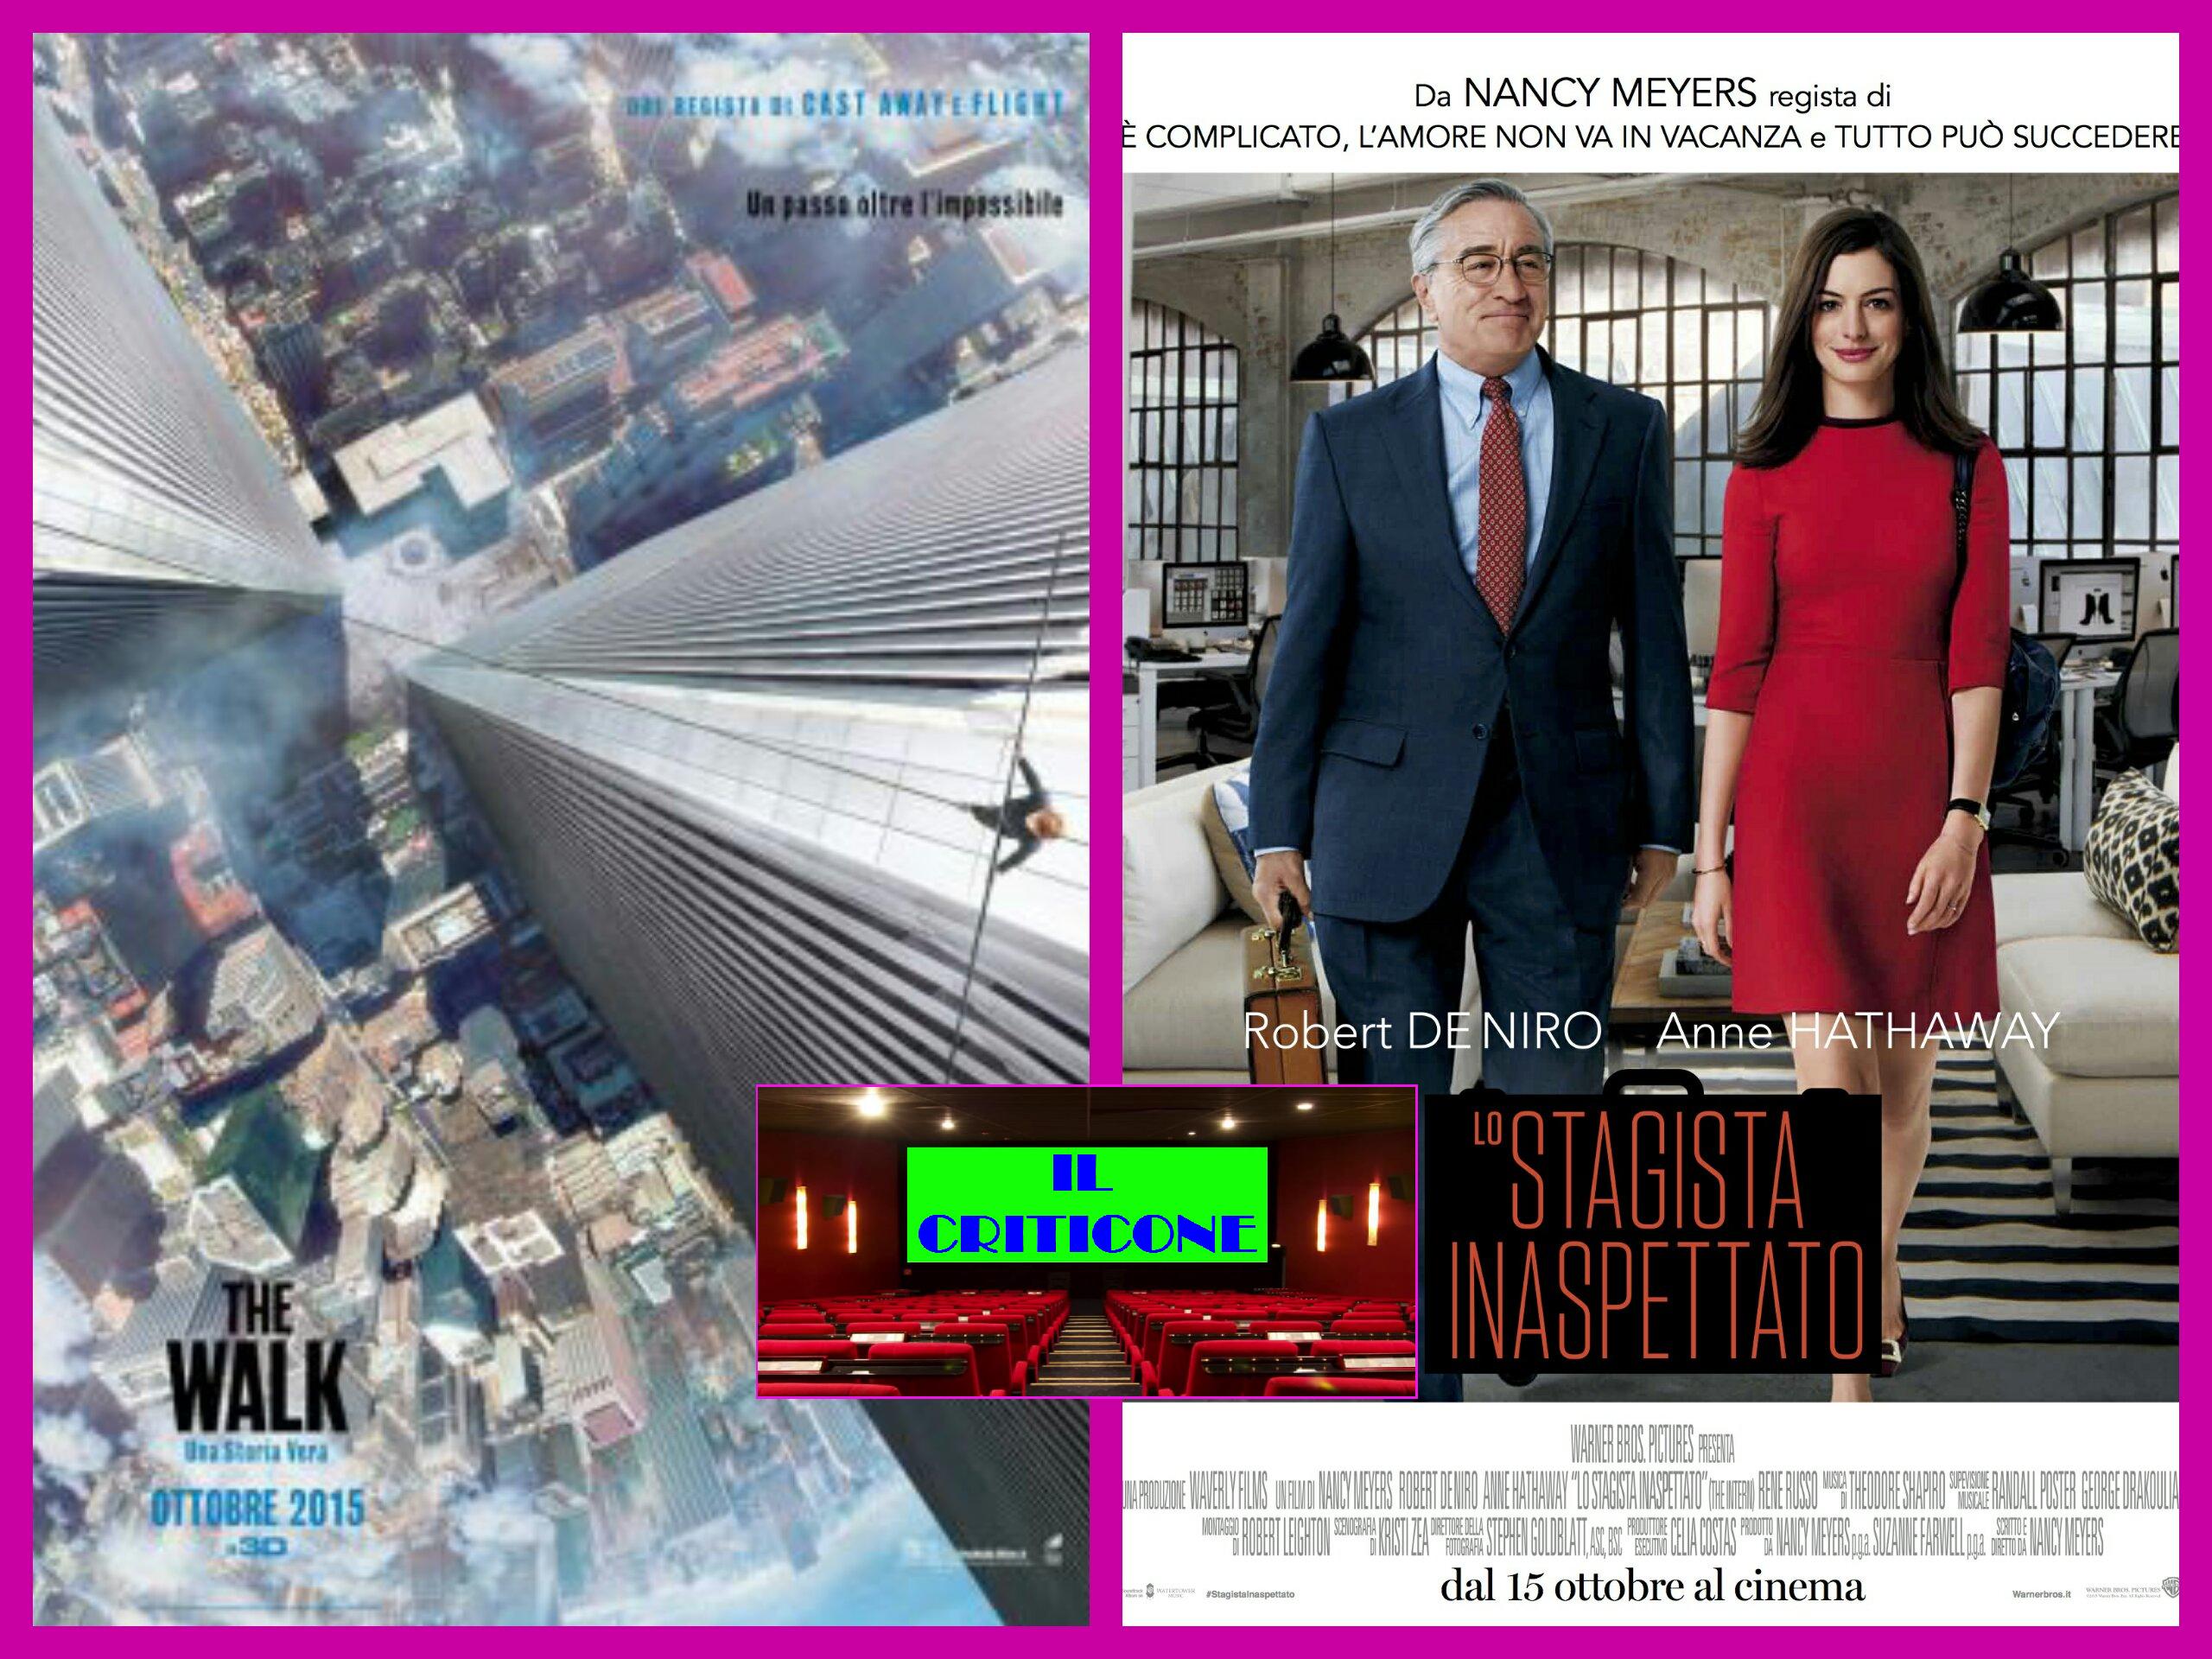 """Quinta puntata de """"Il Criticone"""", con le recensioni dei film in sala. Oggi recuperiamo l'emozionante""""The walk"""" e il simpatico """"Lo stagista inaspettato"""".  THE WALK PresentatoallaFesta del cinema di Roma, […]"""